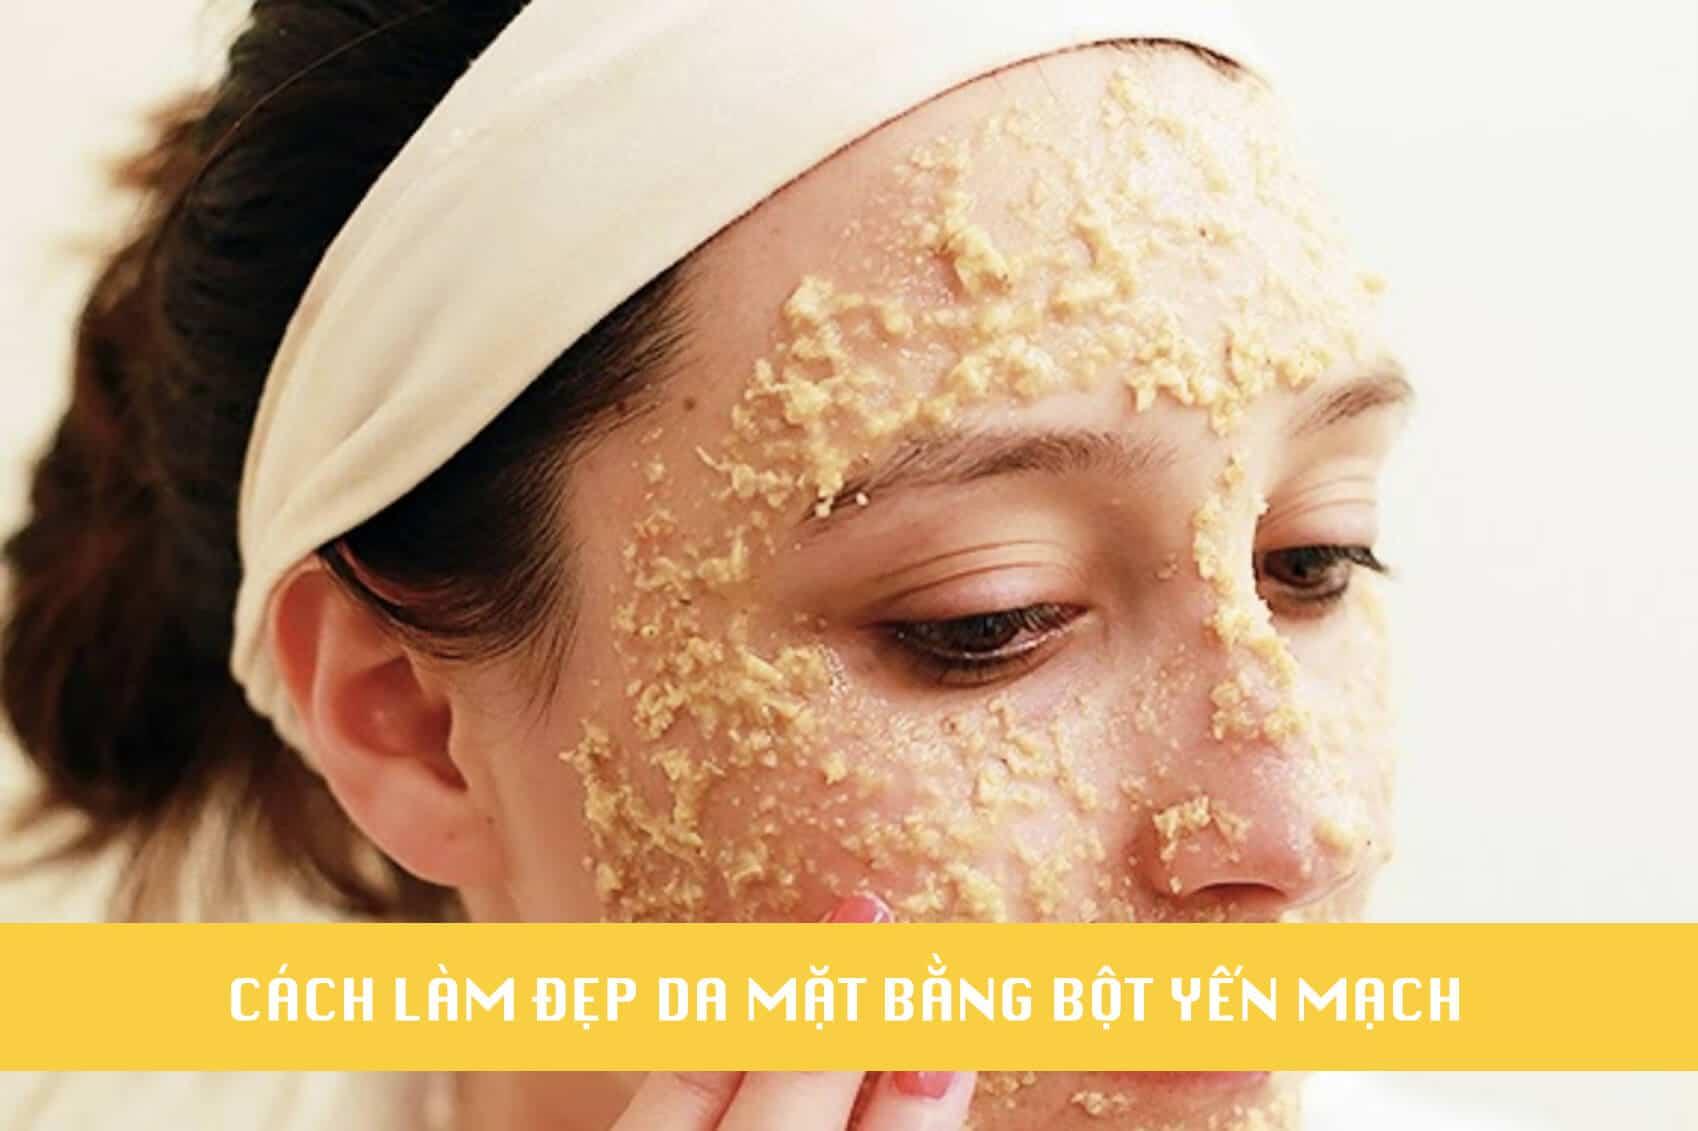 cách làm đẹp da mặt bằng bột yến mạch